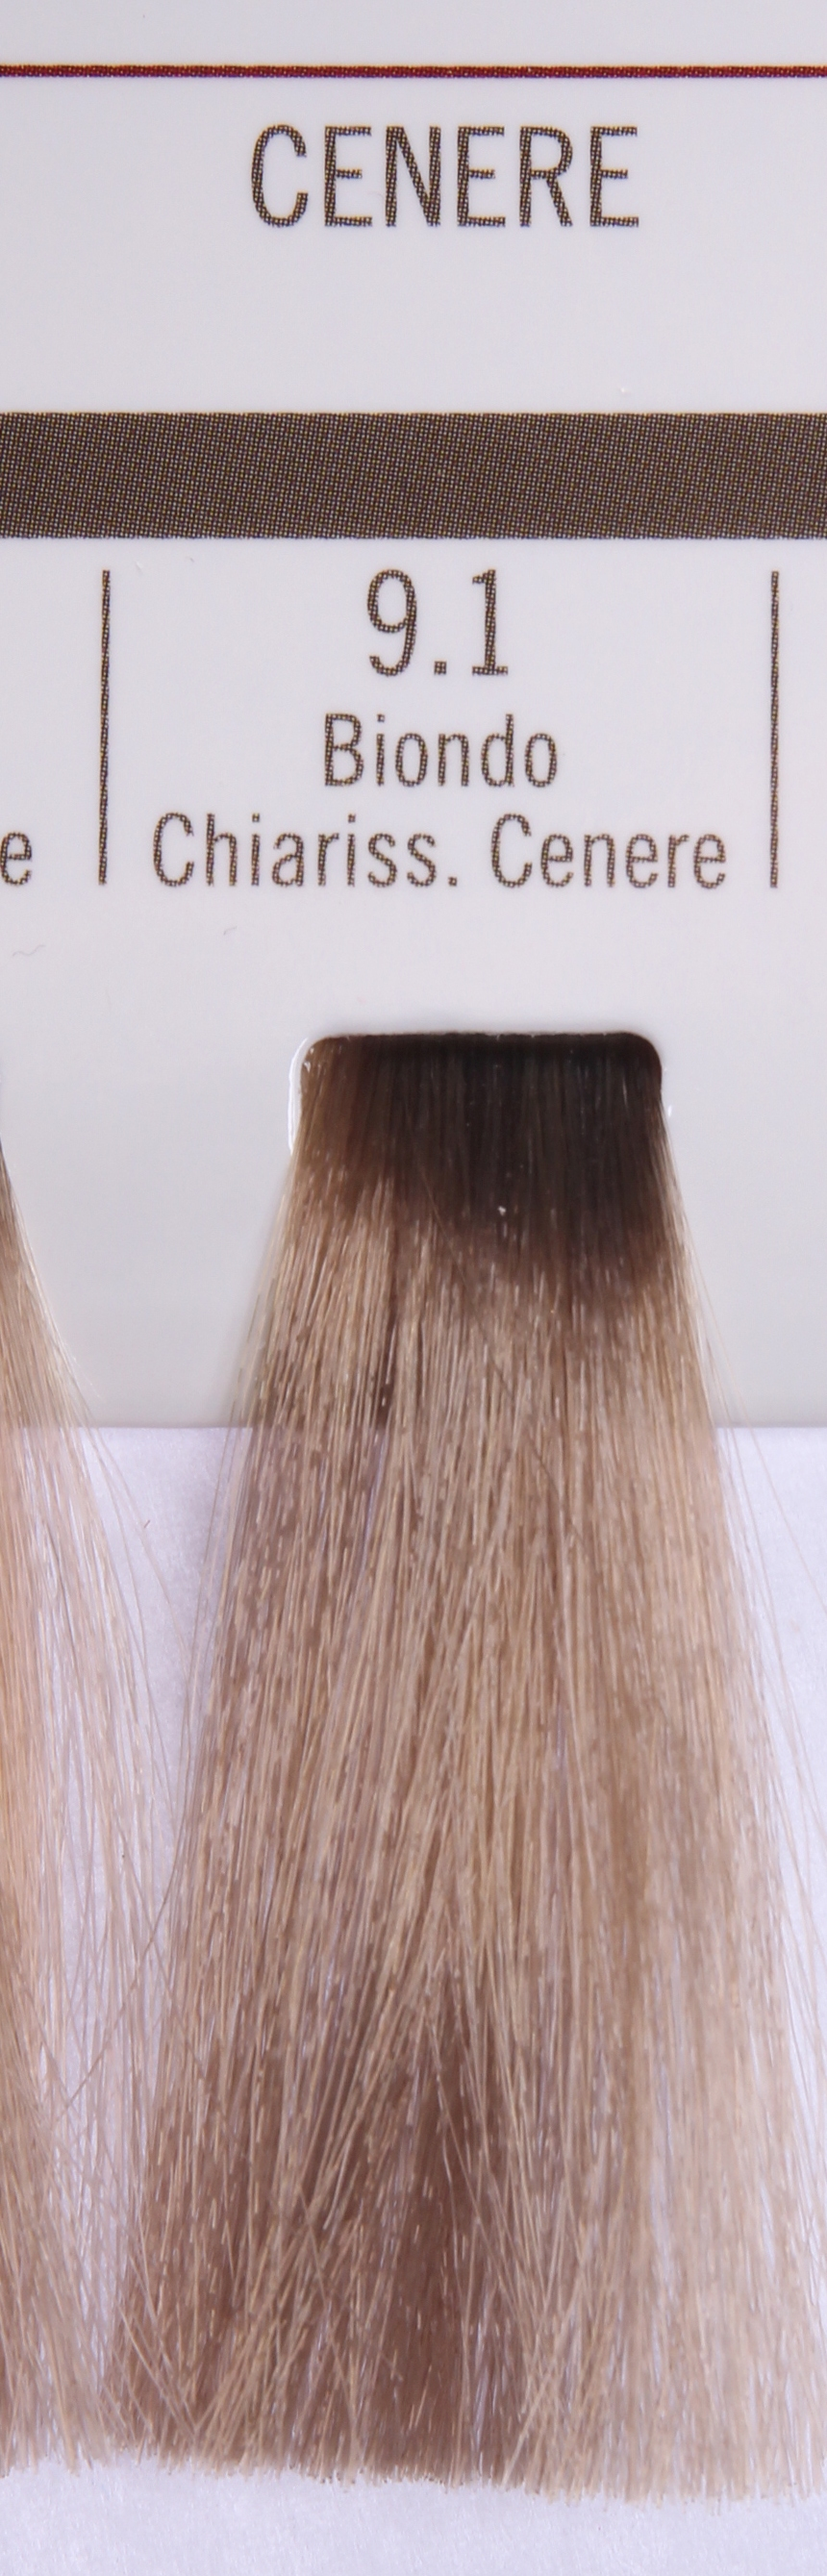 BAREX 9.1 краска для волос / PERMESSE 100млКраски<br>Оттенок: Супер светлый блондин пепельный. Профессиональная крем-краска Permesse отличается низким содержанием аммиака - от 1 до 1,5%. Обеспечивает блестящий и натуральный косметический цвет, 100% покрытие седых волос, идеальное осветление, стойкость и насыщенность цвета до следующего окрашивания. Комплекс сертифицированных органических пептидов M4, входящих в состав, действует с момента нанесения, увлажняя волосы, придавая им прочность и защиту. Пептиды избирательно оседают в самых поврежденных участках волоса, восстанавливая и защищая их. Масло карите оказывает смягчающее и успокаивающее действие. Комплекс пептидов и масло карите стимулируют проникновение пигментов вглубь структуры волоса, придавая им здоровый вид, блеск и долговечность косметическому цвету. Активные ингредиенты:&amp;nbsp;Сертифицированные органические пептиды М4 - пептиды овса, бразильского ореха, сои и пшеницы, объединенные в полифункциональный комплекс, придающий прочность окрашенным волосам, увлажняющий и защищающий их. Сертифицированное органическое масло карите (масло ши) - богато жирными кислотами, экстрагируется из ореха африканского дерева карите. Оказывает смягчающий и целебный эффект на кожу и волосы, широко применяется в косметической индустрии. Масло карите защищает волосы от неблагоприятного воздействия внешней среды, интенсивно увлажняет кожу и волосы, т.к. обладает высокой степенью абсорбции, не забивает поры. Способ применения:&amp;nbsp;Крем-краска готовится в смеси с Молочком-оксигентом Permesse 10/20/30/40 объемов в соотношении 1:1 (например, 50 мл крем-краски + 50 мл молочка-оксигента). Молочко-оксигент работает в сочетании с крем-краской и гарантирует идеальное проявление краски. Тюбик крем-краски Permesse содержит 100 мл продукта, количество, достаточное для 2 полных нанесений. Всегда надевайте подходящие специальные перчатки перед подготовкой и нанесением краски. Подготавливайте смесь крем-краски и молочка-оксигента Permess